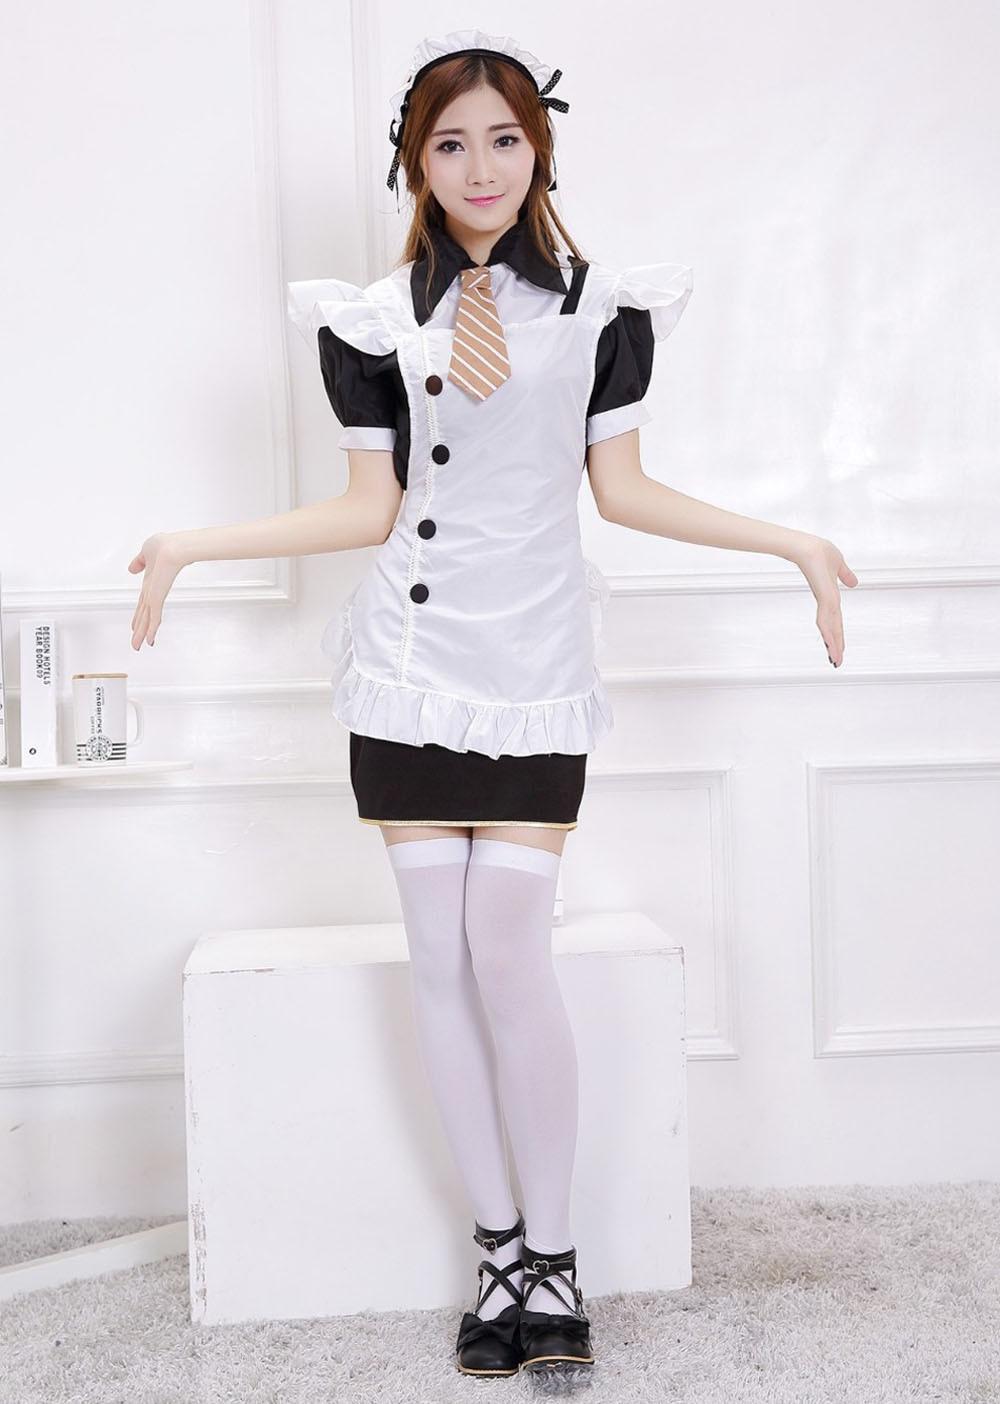 Ensen Maid kostym med förkläde Lolita klänning Japansk skola - Maskeradkläder och utklädnad